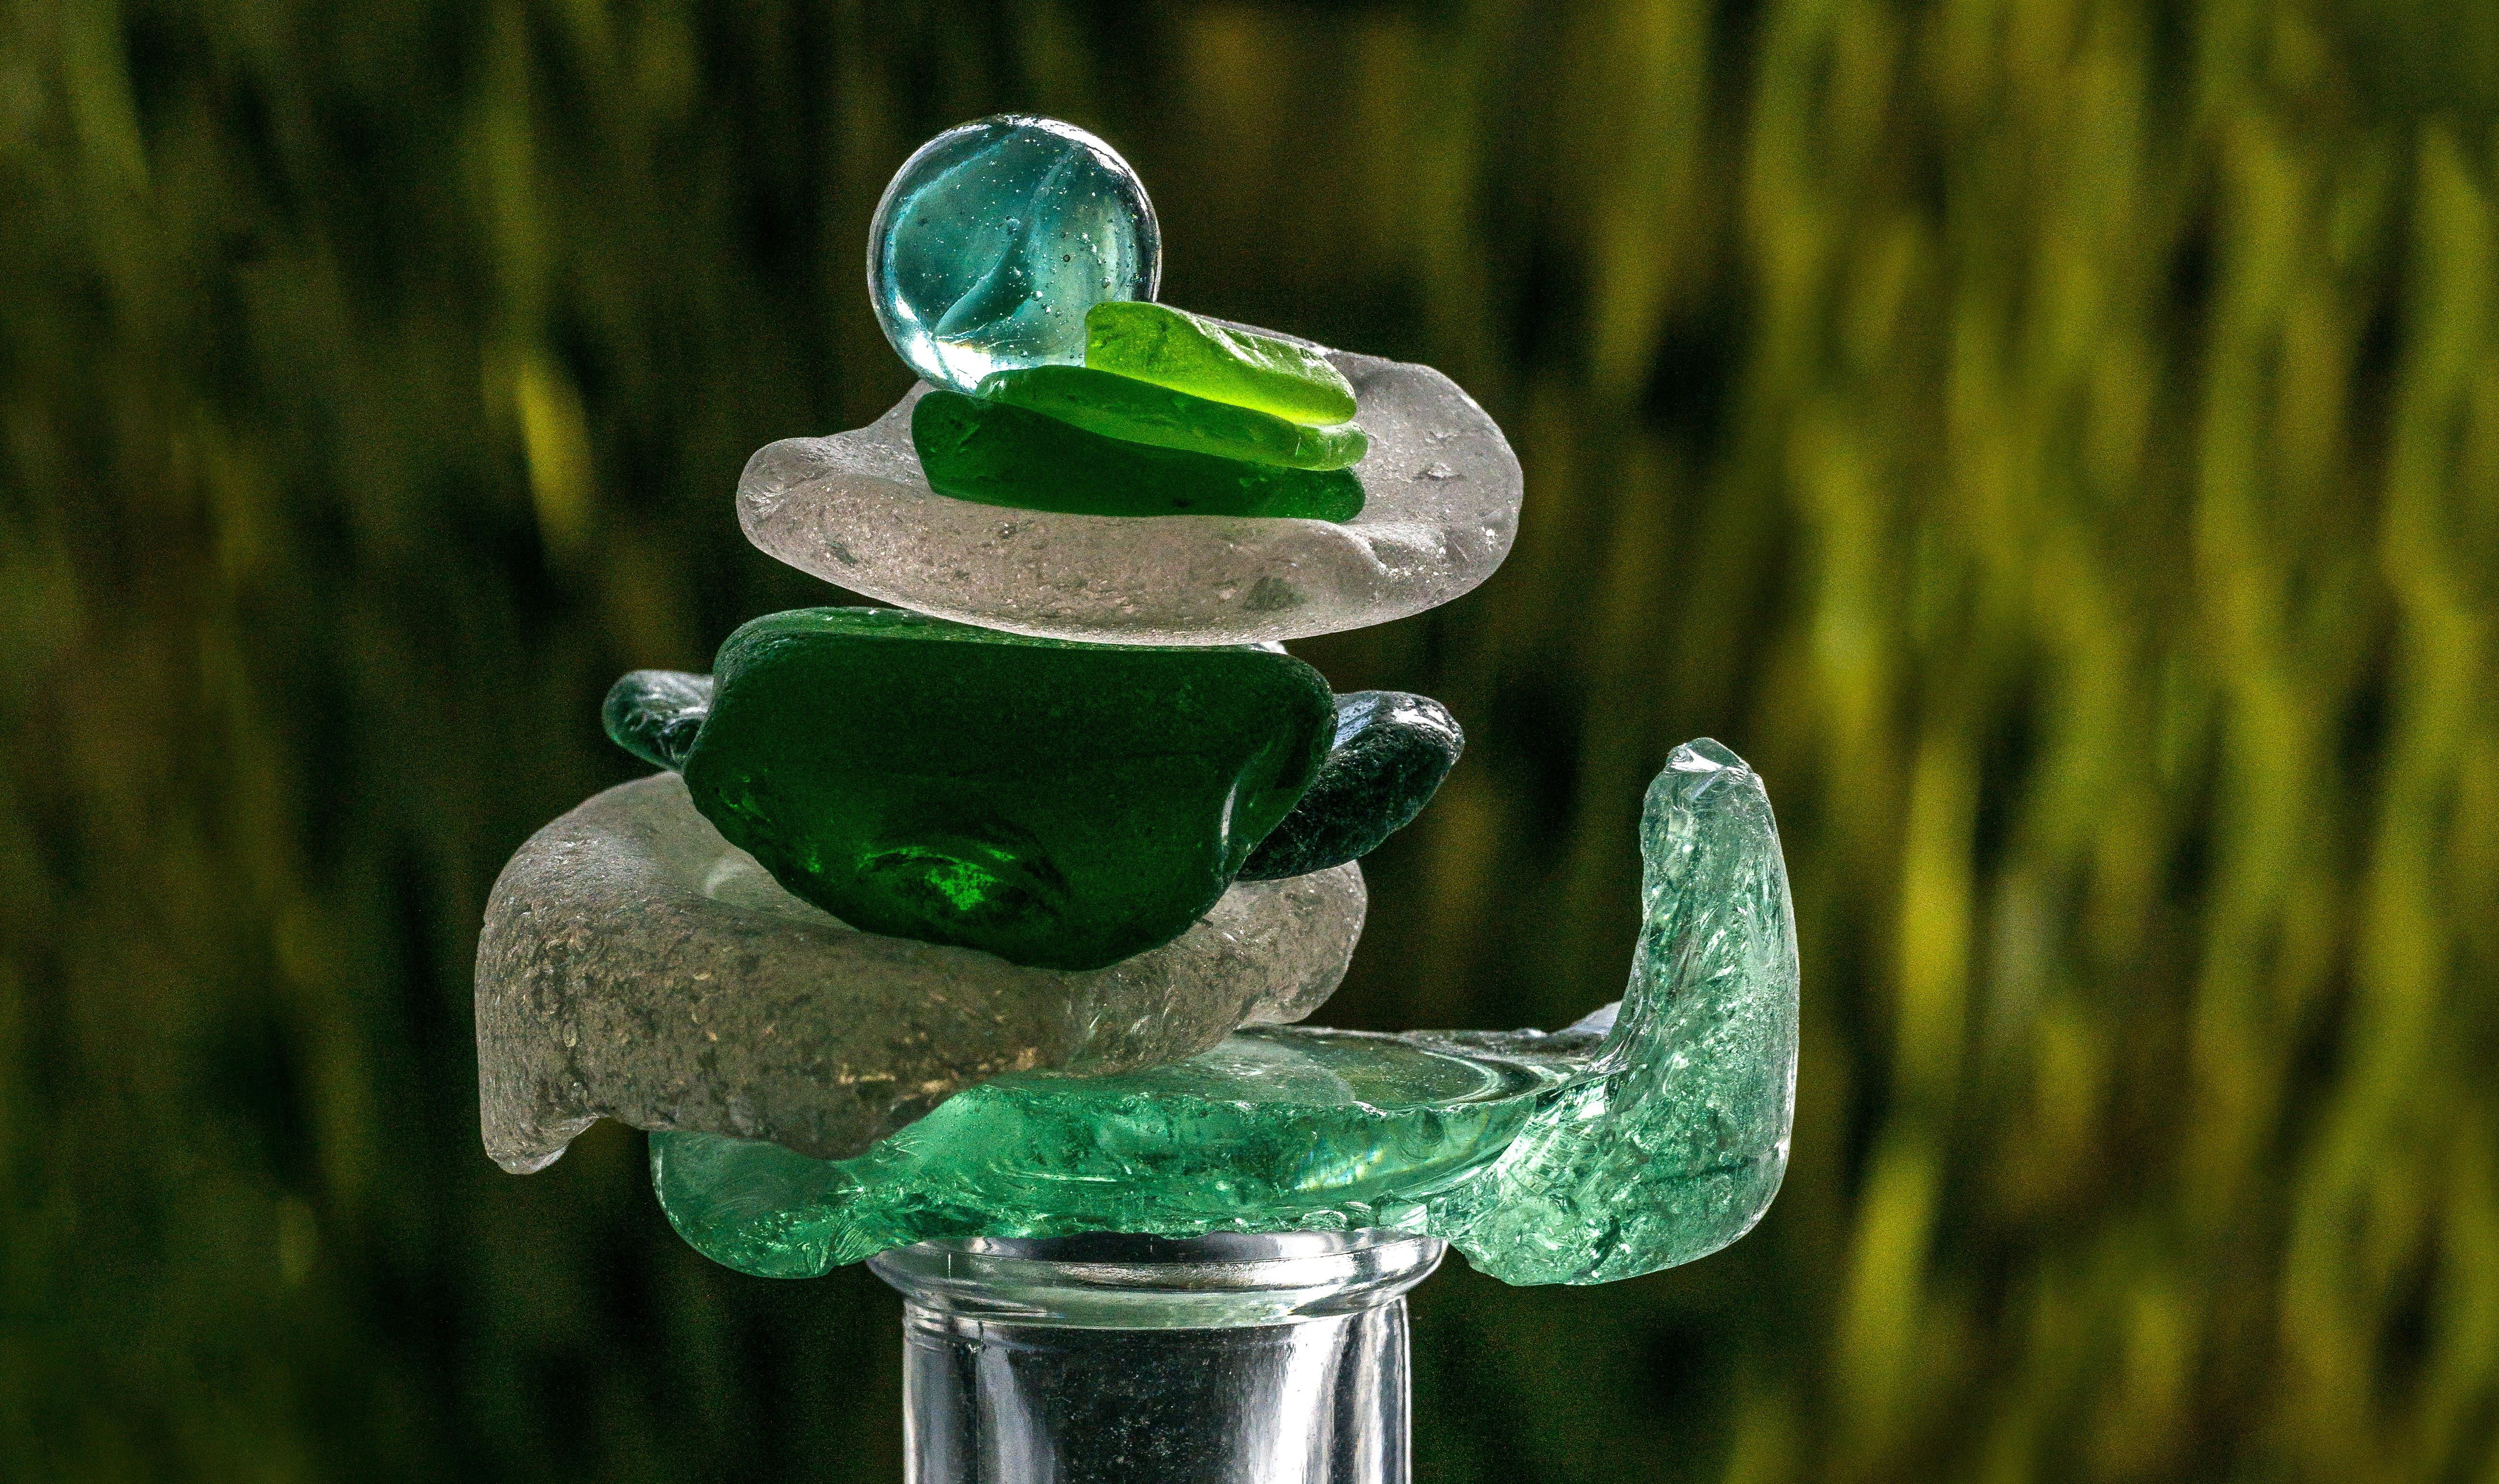 녹색, 더미, 해변 유리의 무료 스톡 사진